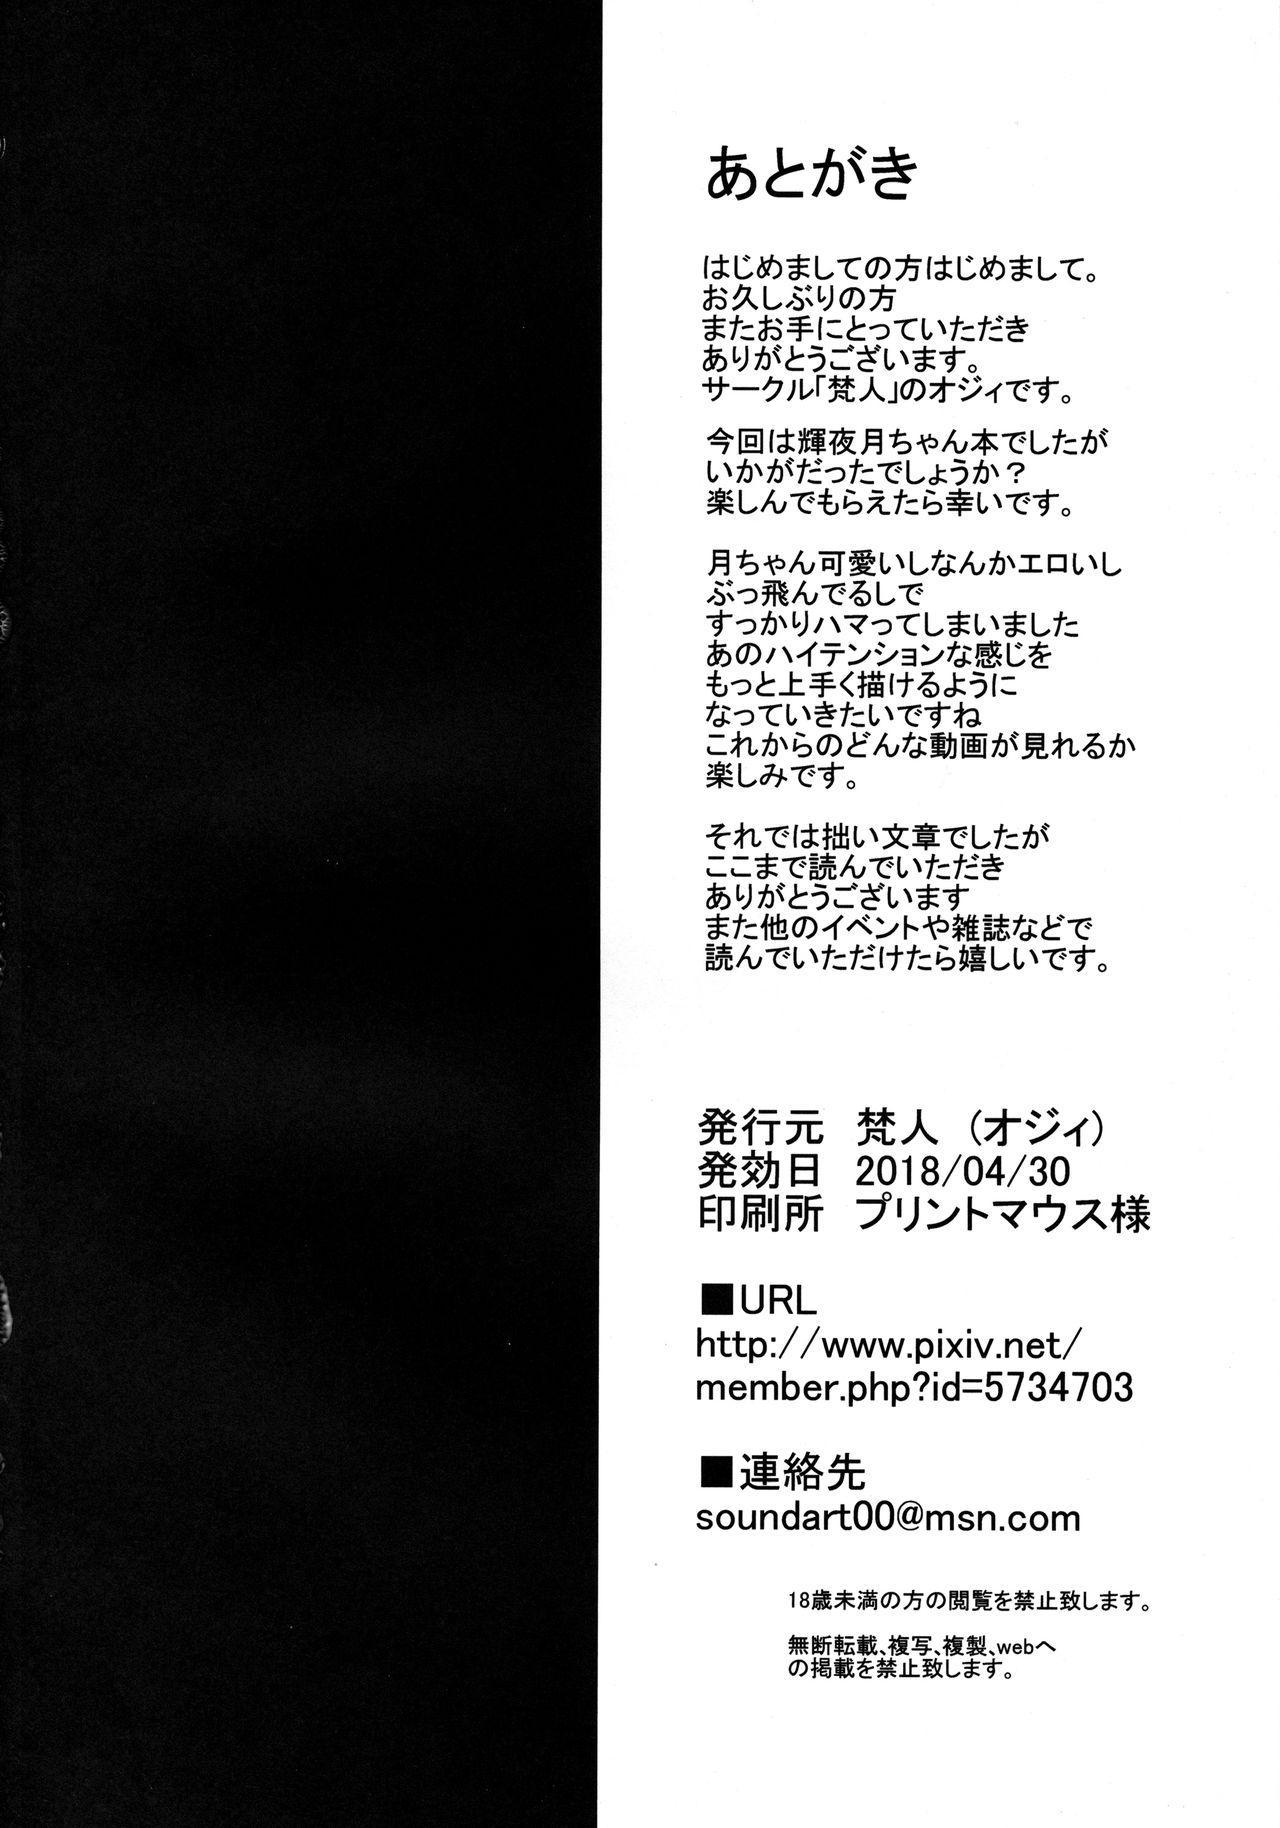 Kaguya Luna no SugoTech Gaman Dekireba Nakadashi H 21